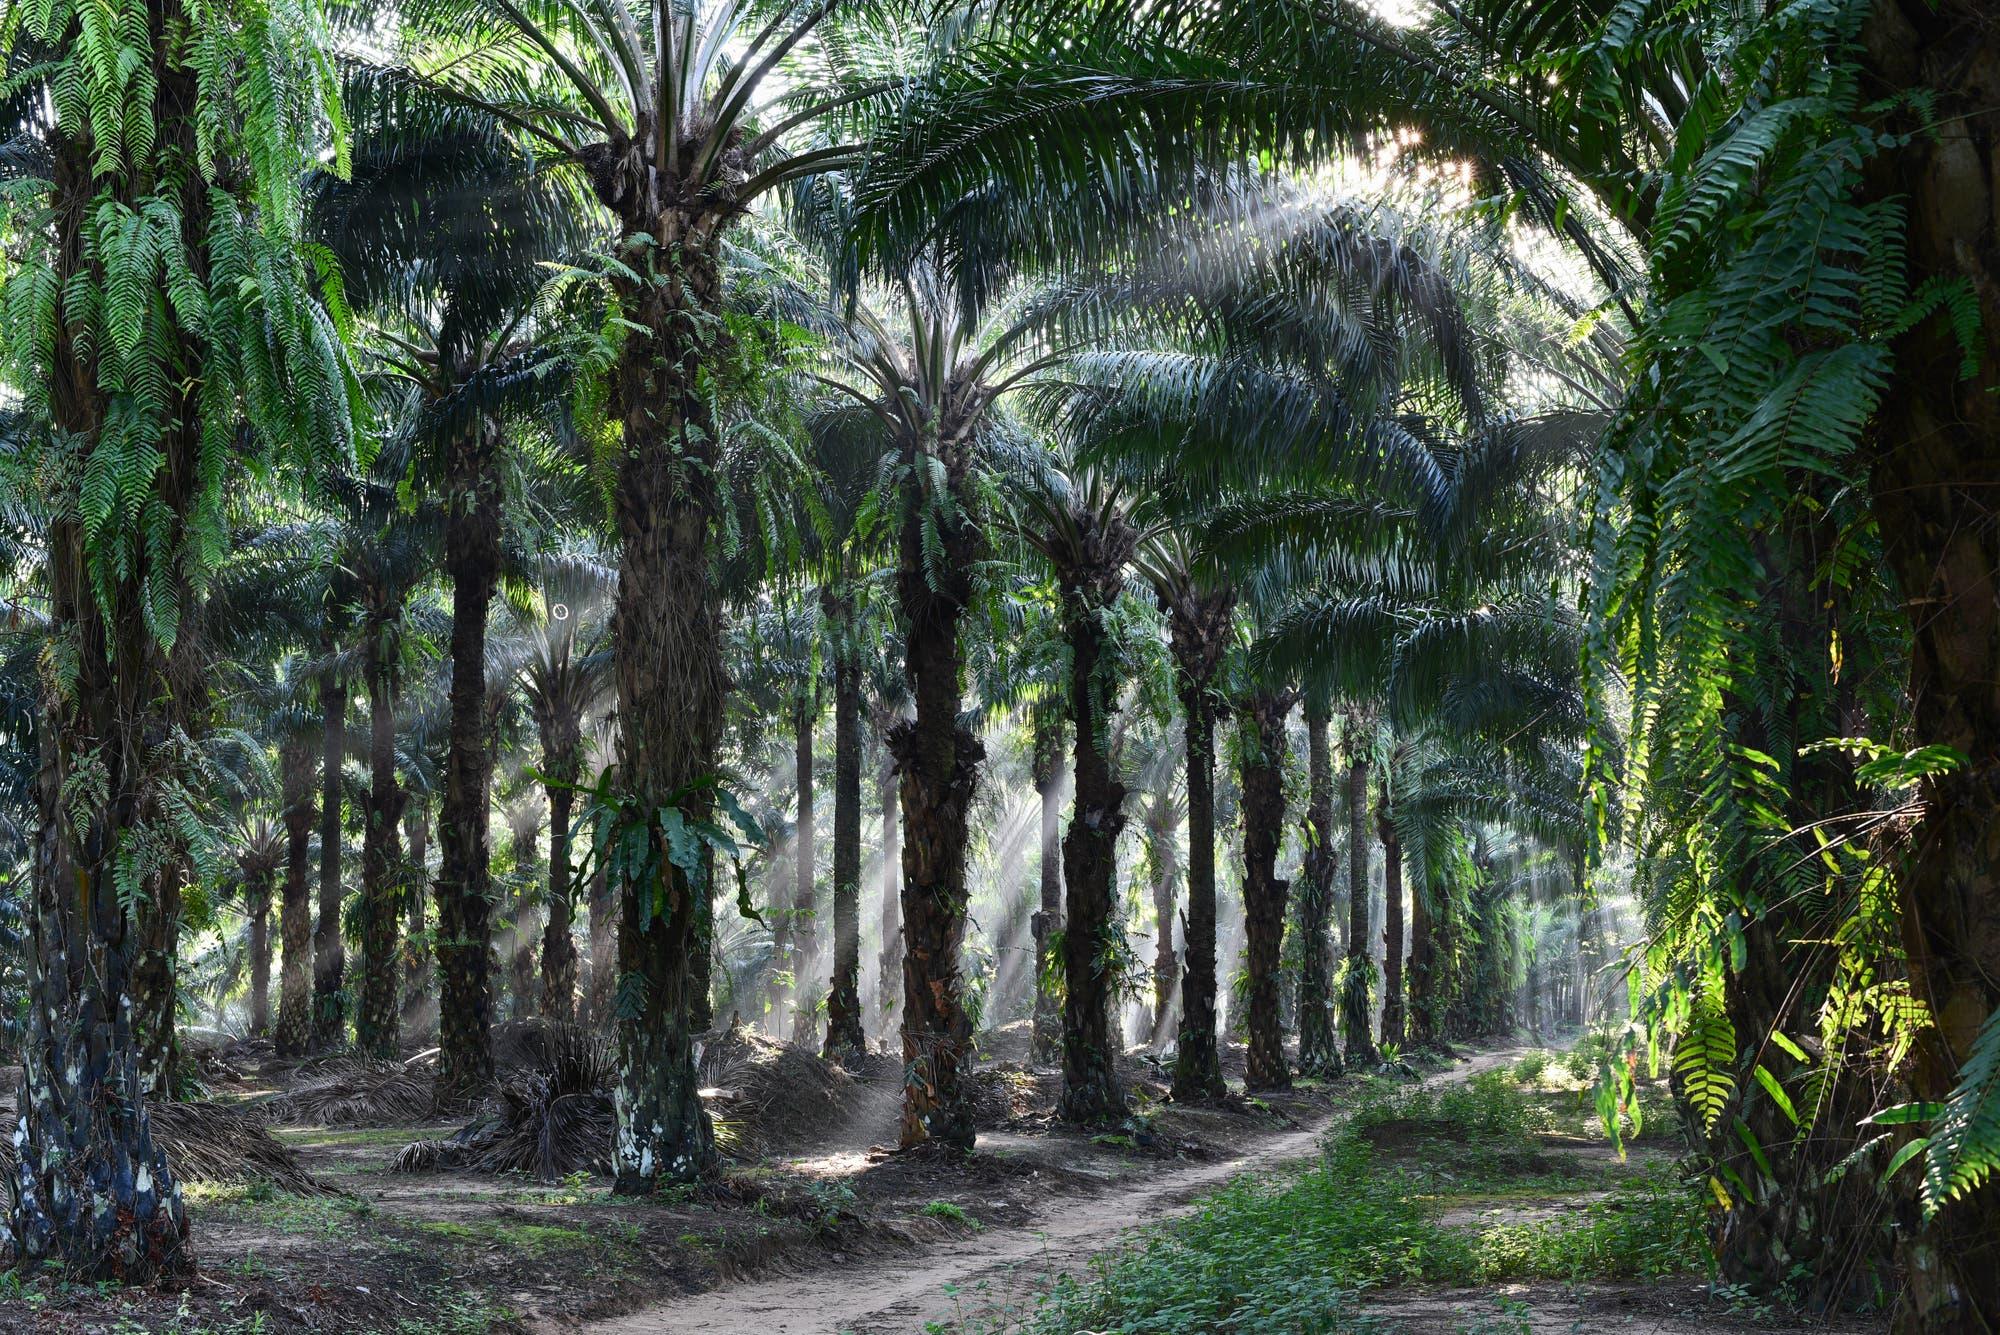 Ölpalmen (Elaeis guineensis)